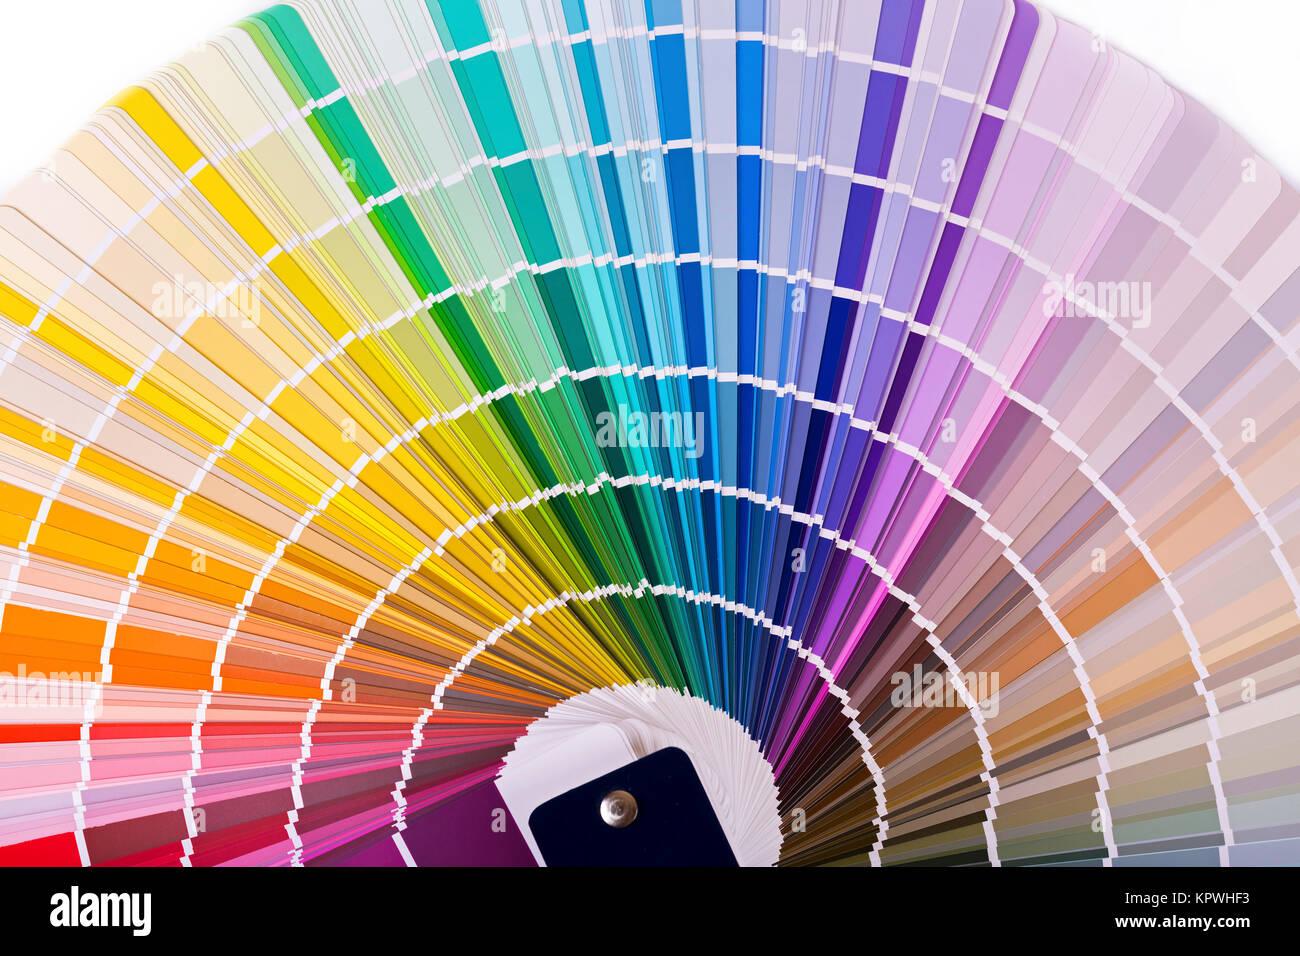 Tavolozza dei colori, catalogo con design i campioni di vernice Immagini Stock